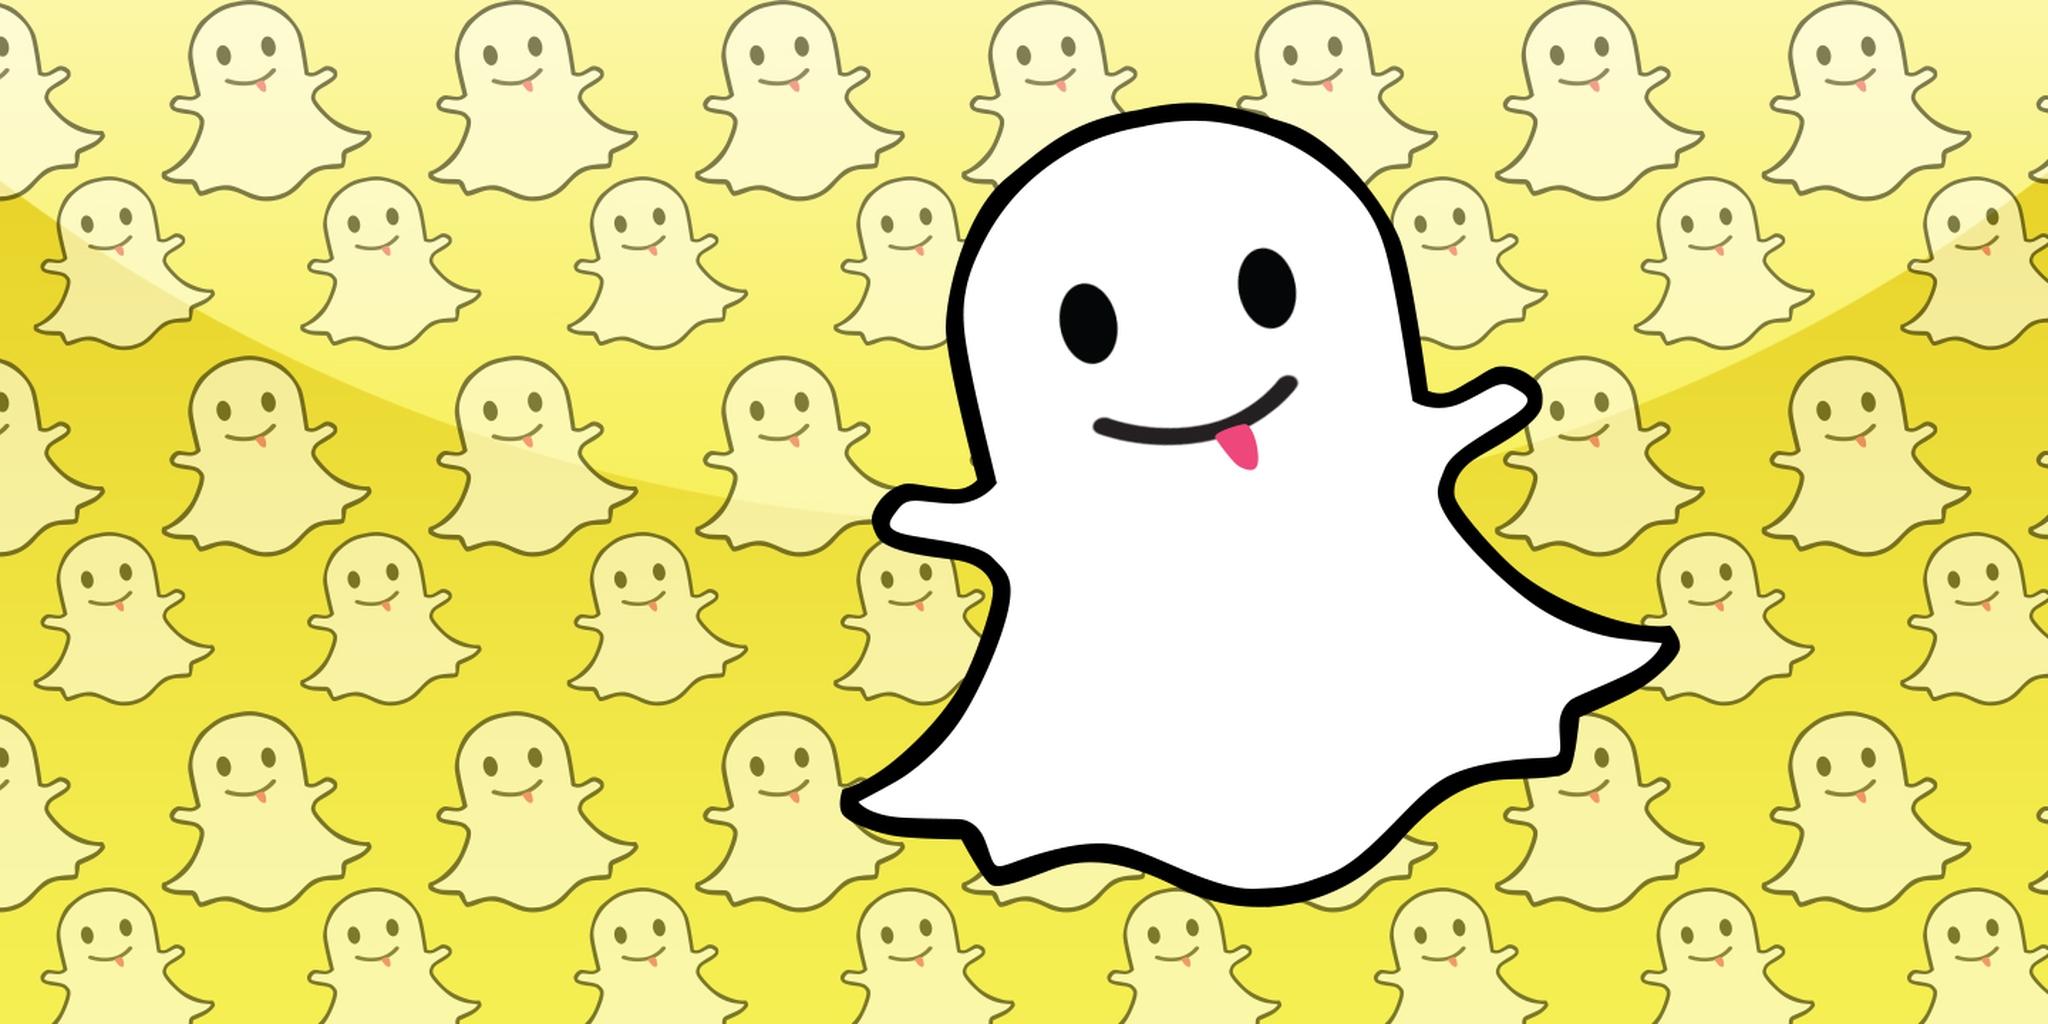 Elenco dei trofei di Snapchat e guida per vincerli tutti 1